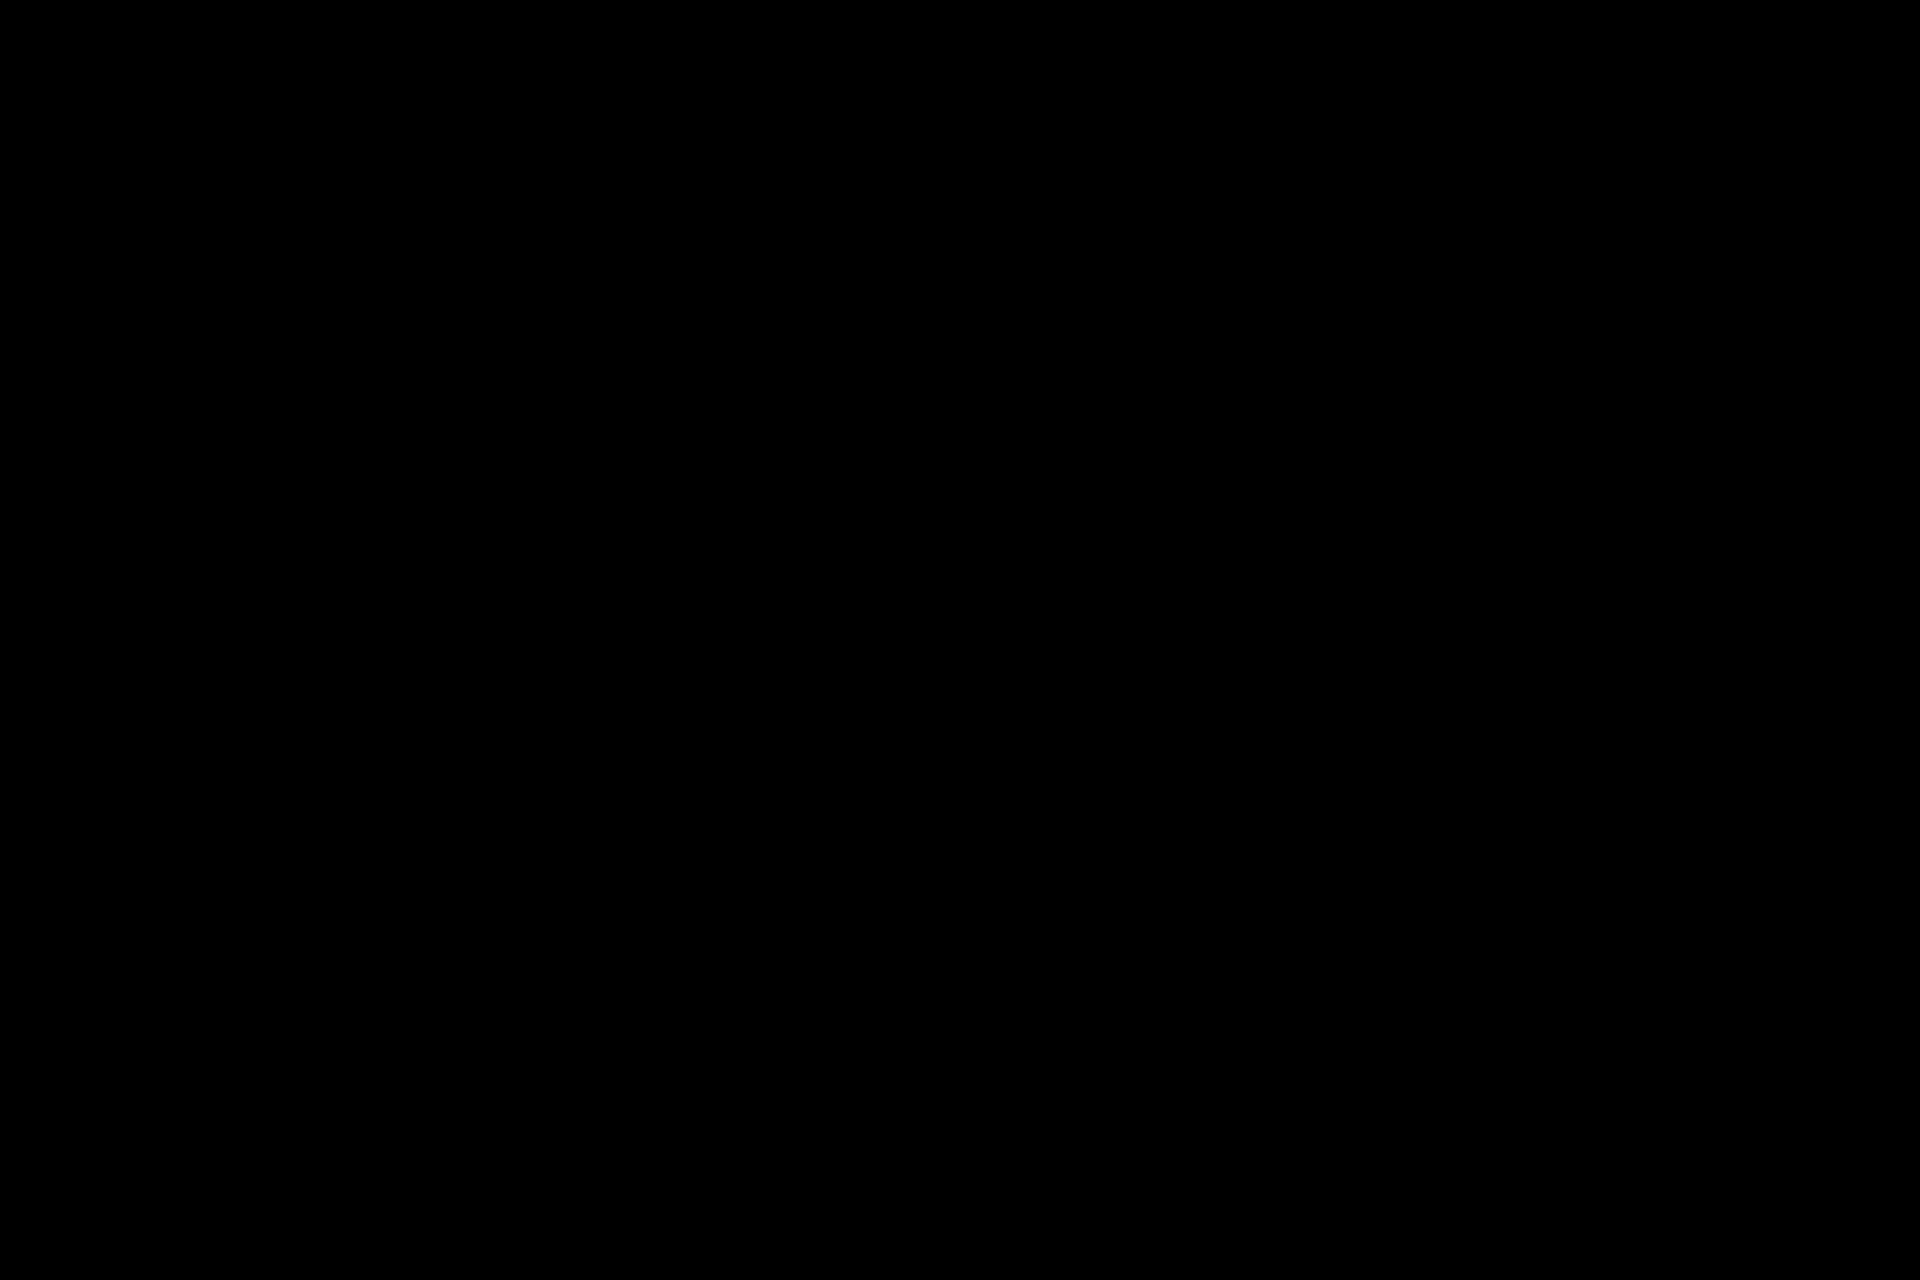 ED86FA29-5CFA-4A18-93FC-44E8A01B054A